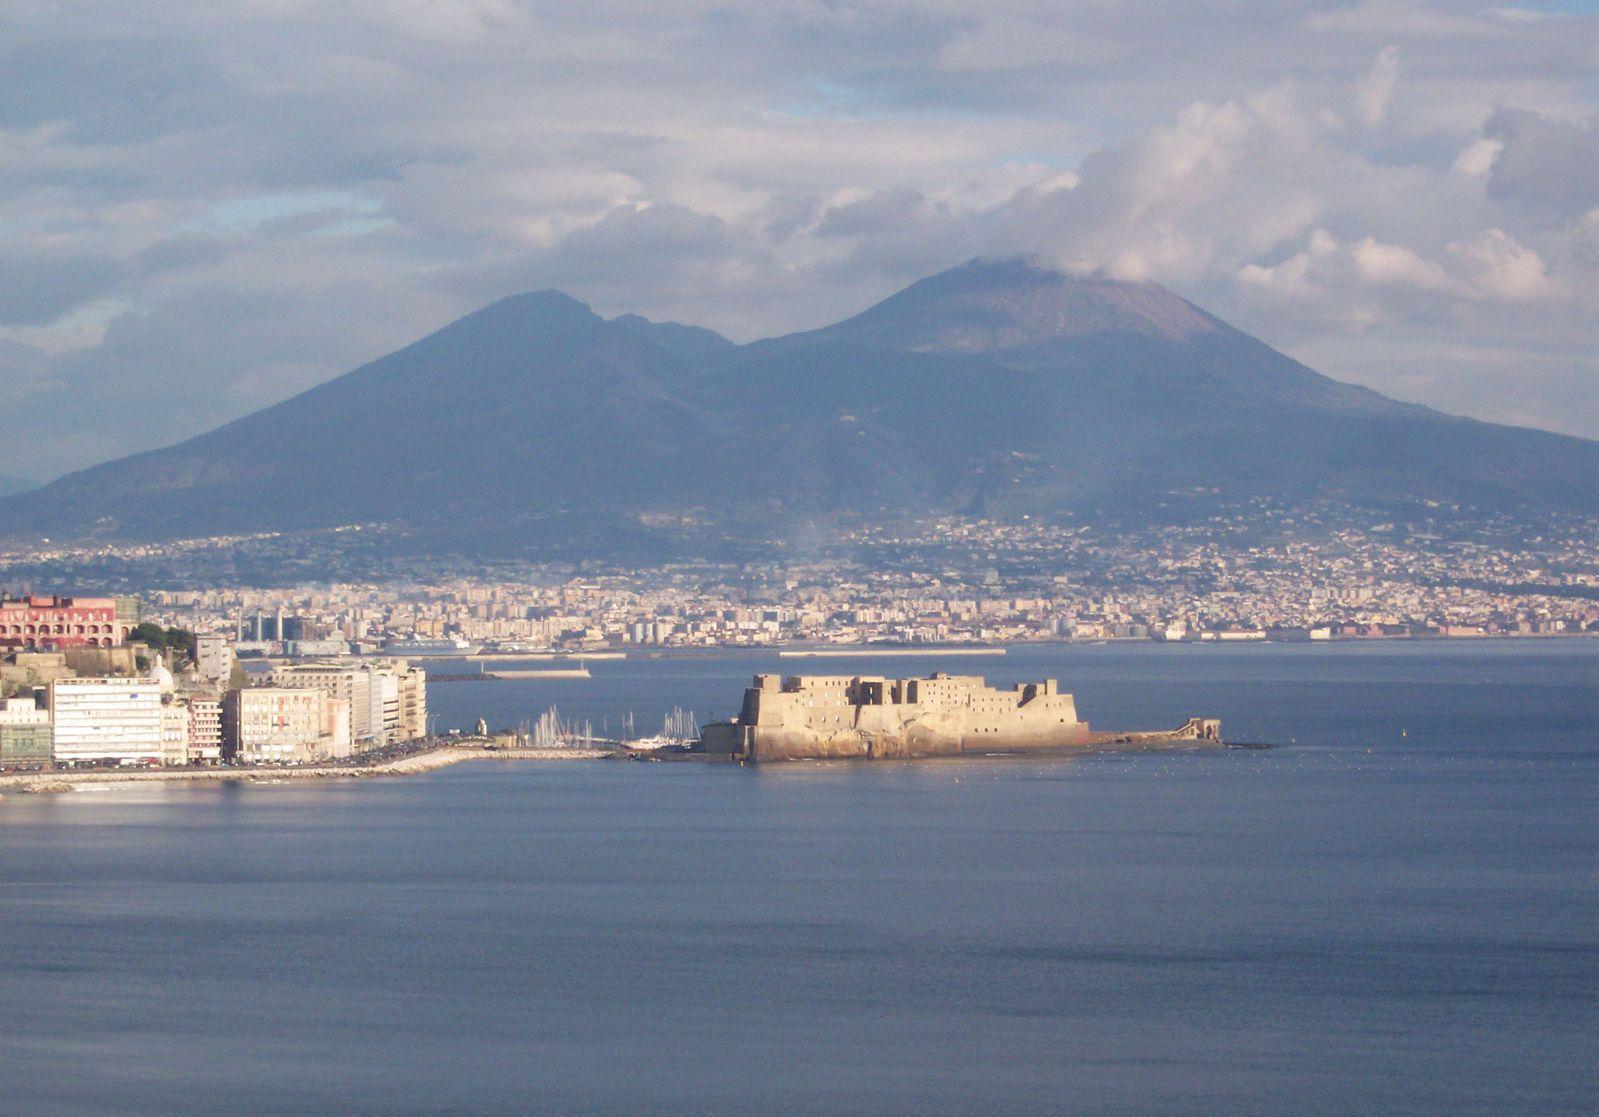 Viajar presenta Napoli nelle sue bellezze e contraddizioni: